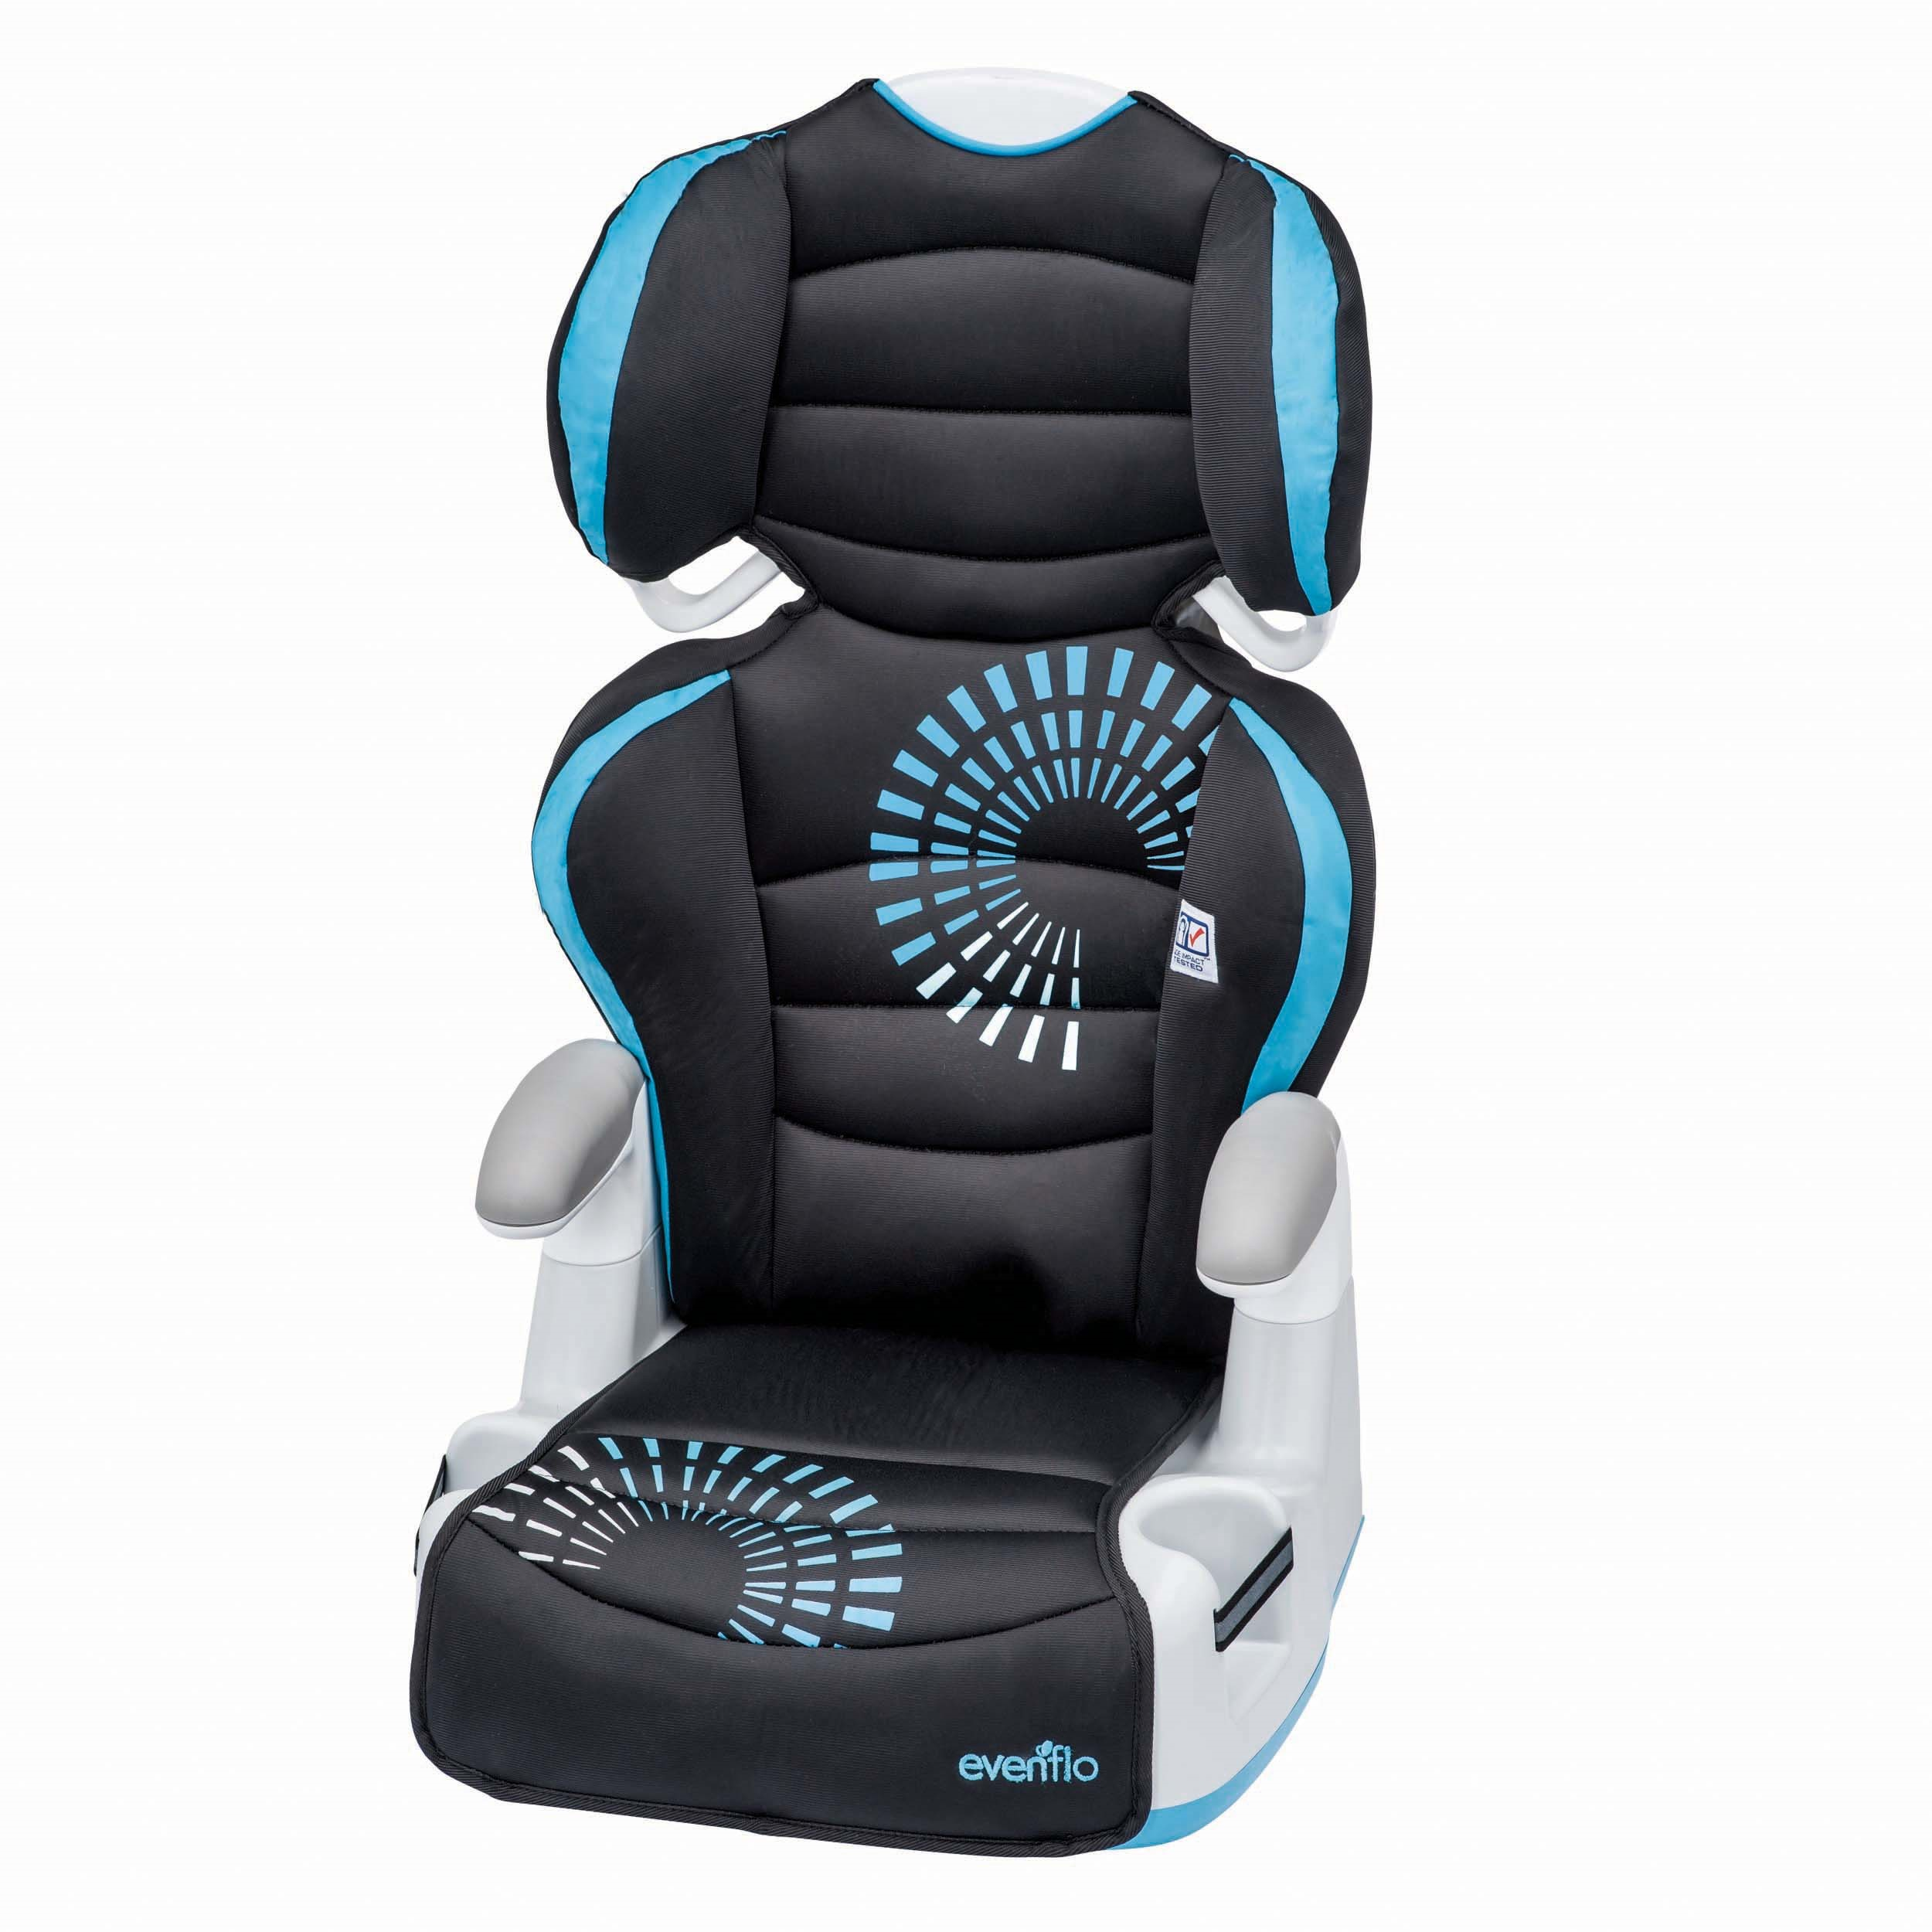 Evenflo Big Kid AMP High Back Booster Car Seat, Sprocket